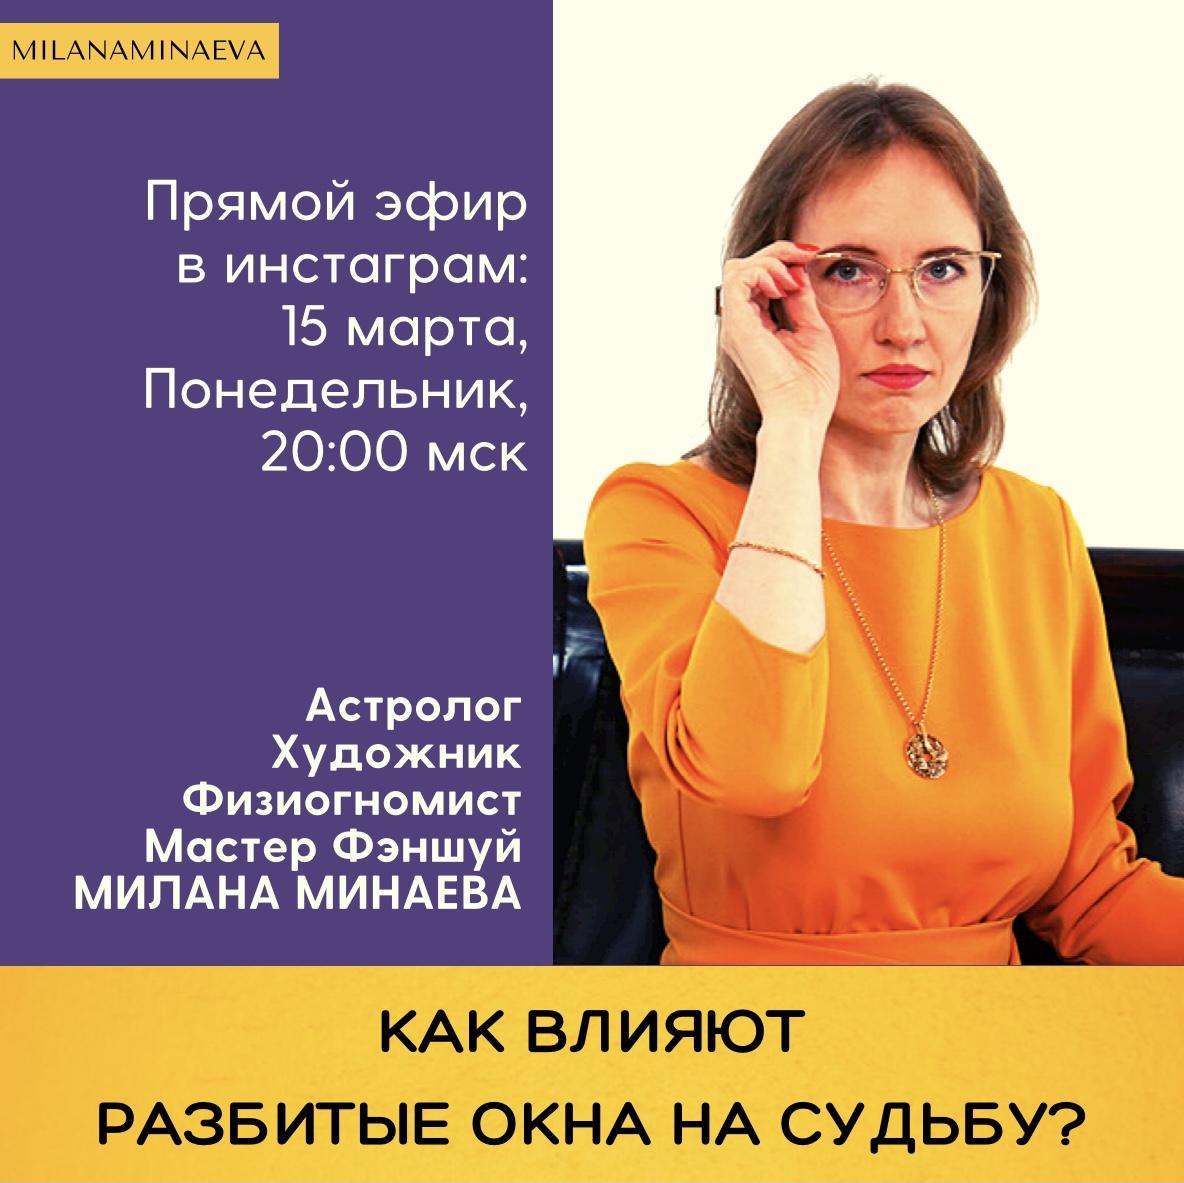 Милана Минаева - теория разбитых окон